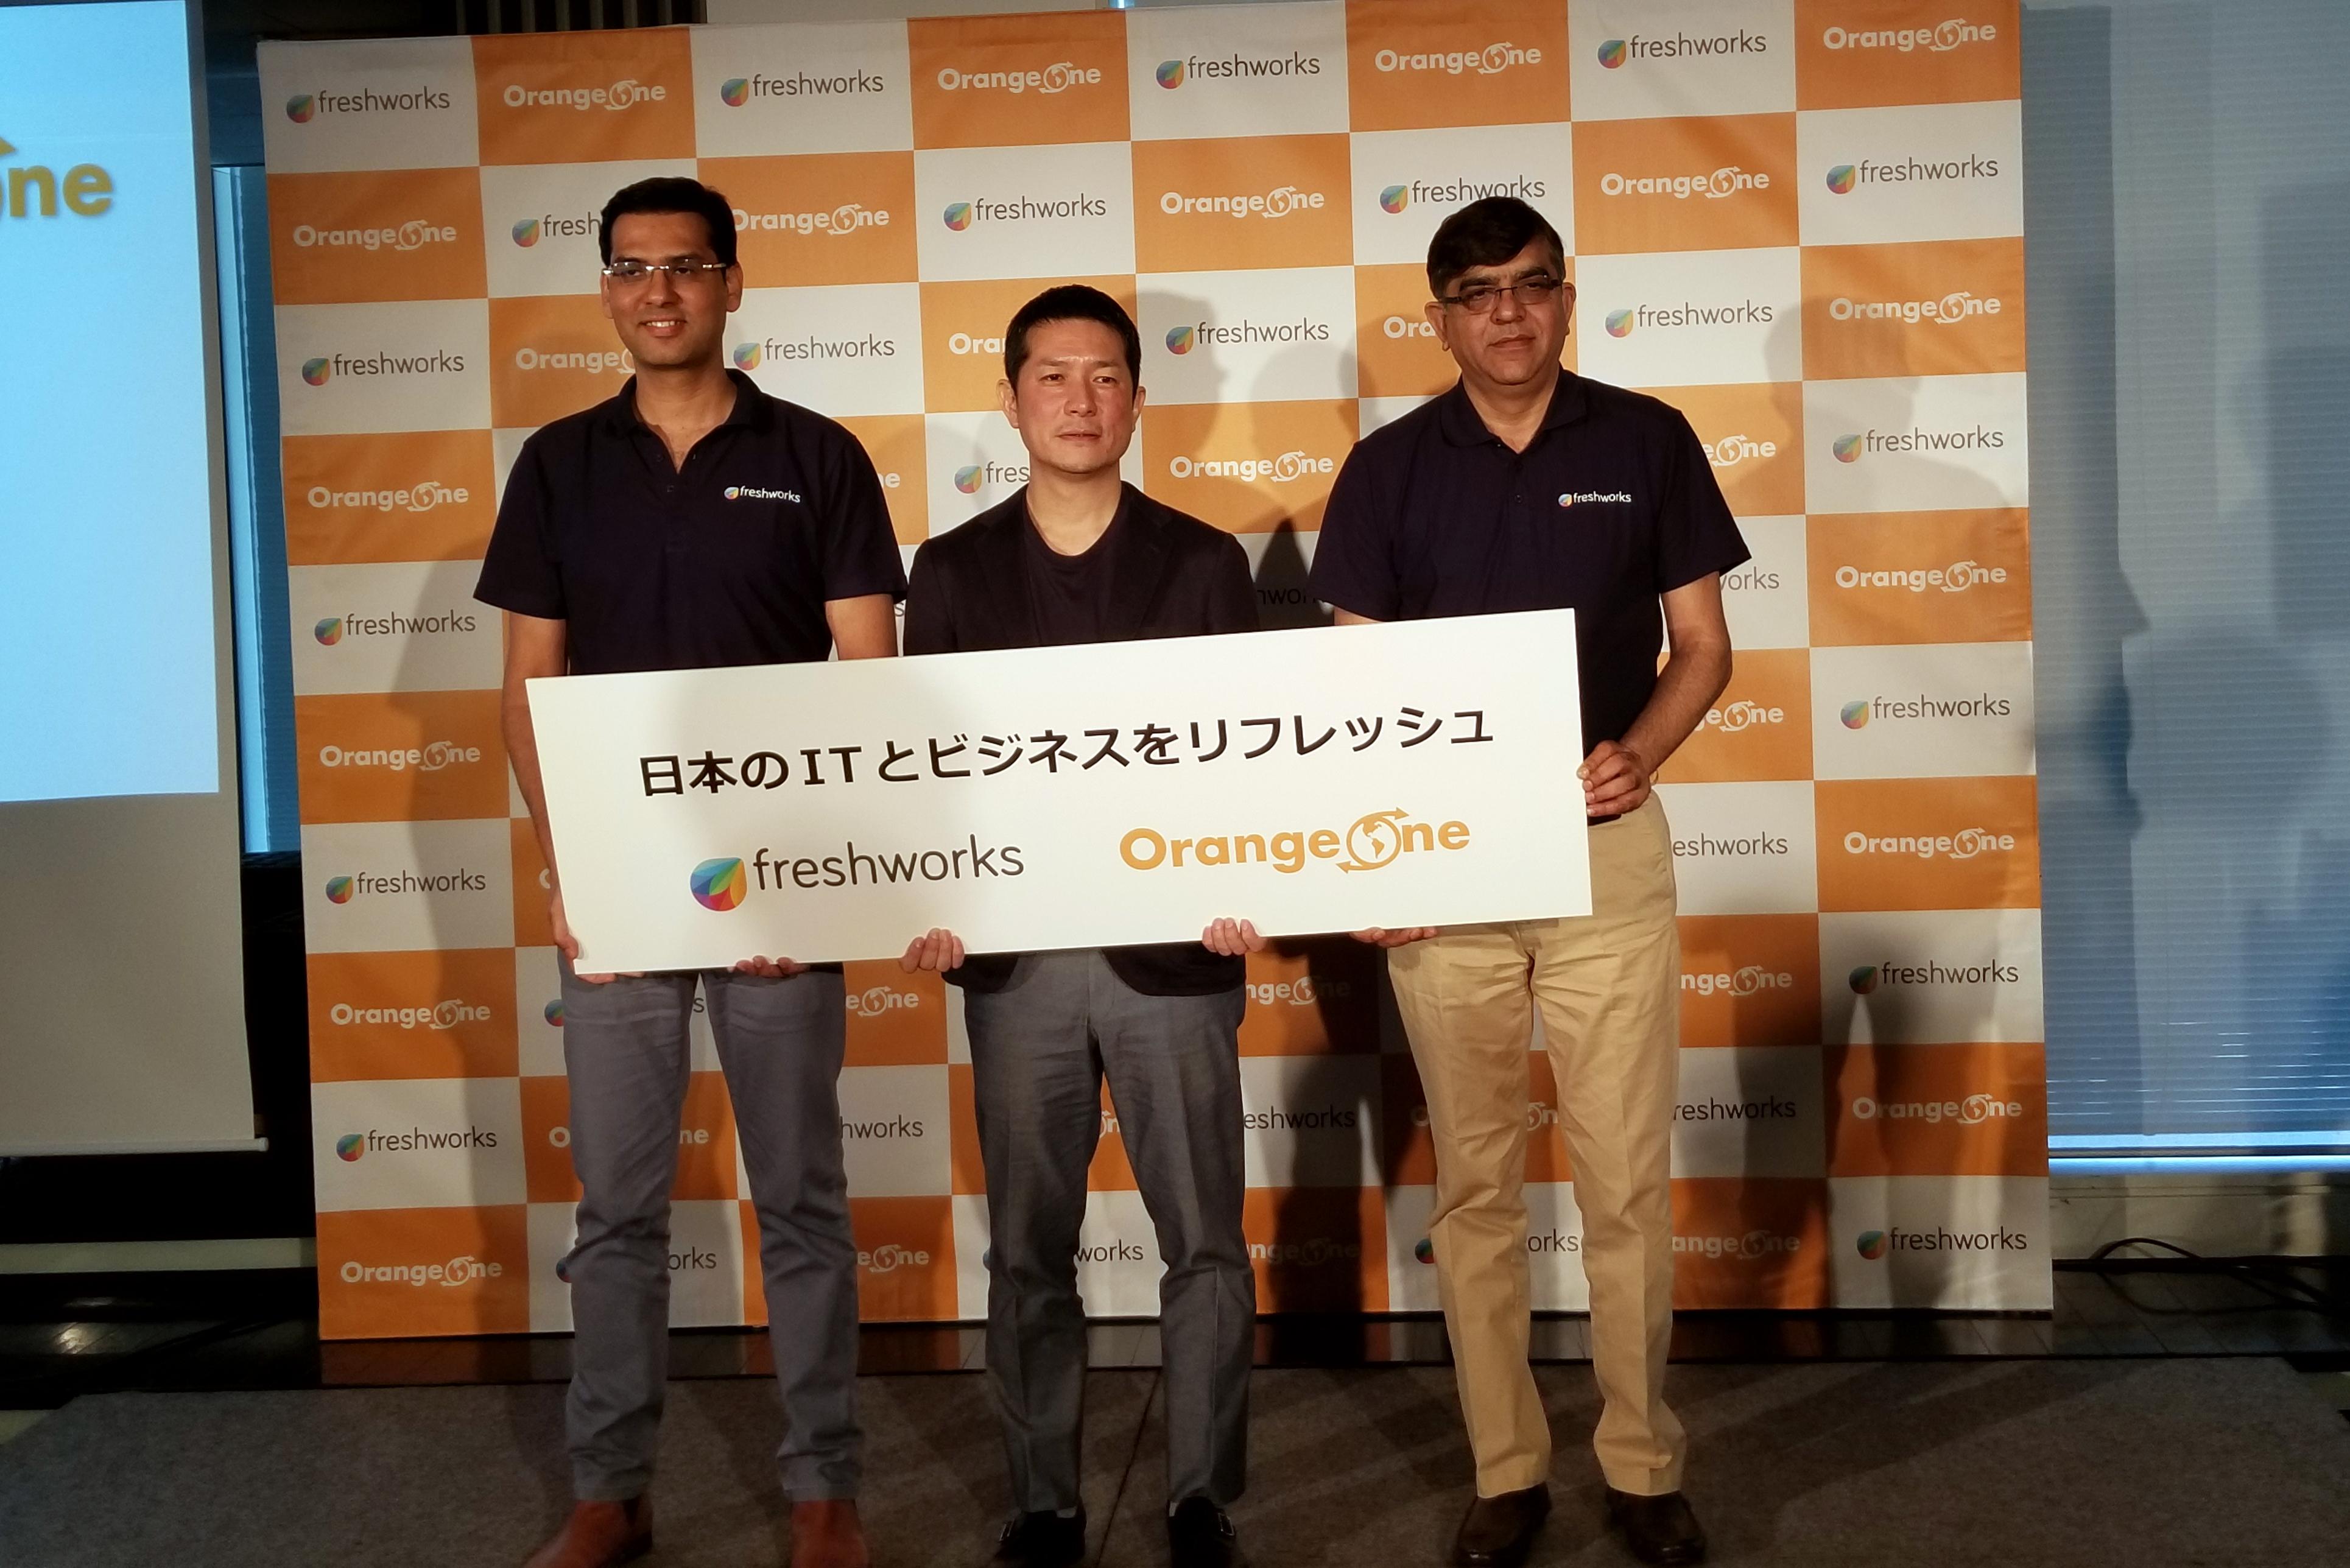 中小企業を救う?世界に15万社のユーザーを抱えるインドのBIGベンチャーが日本進出